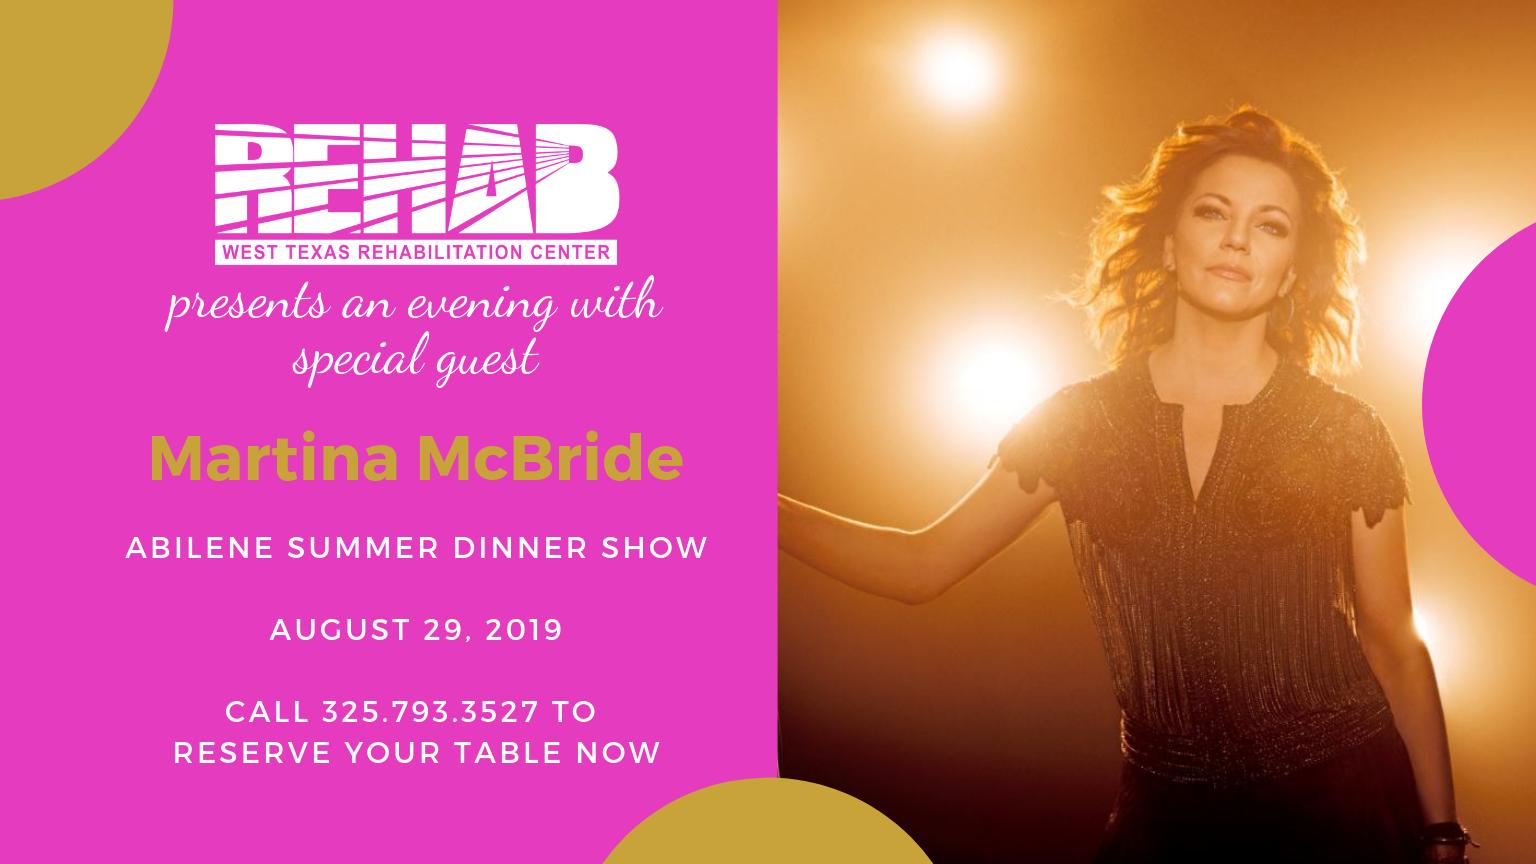 41st Annual Abilene Summer Dinner Show 2019